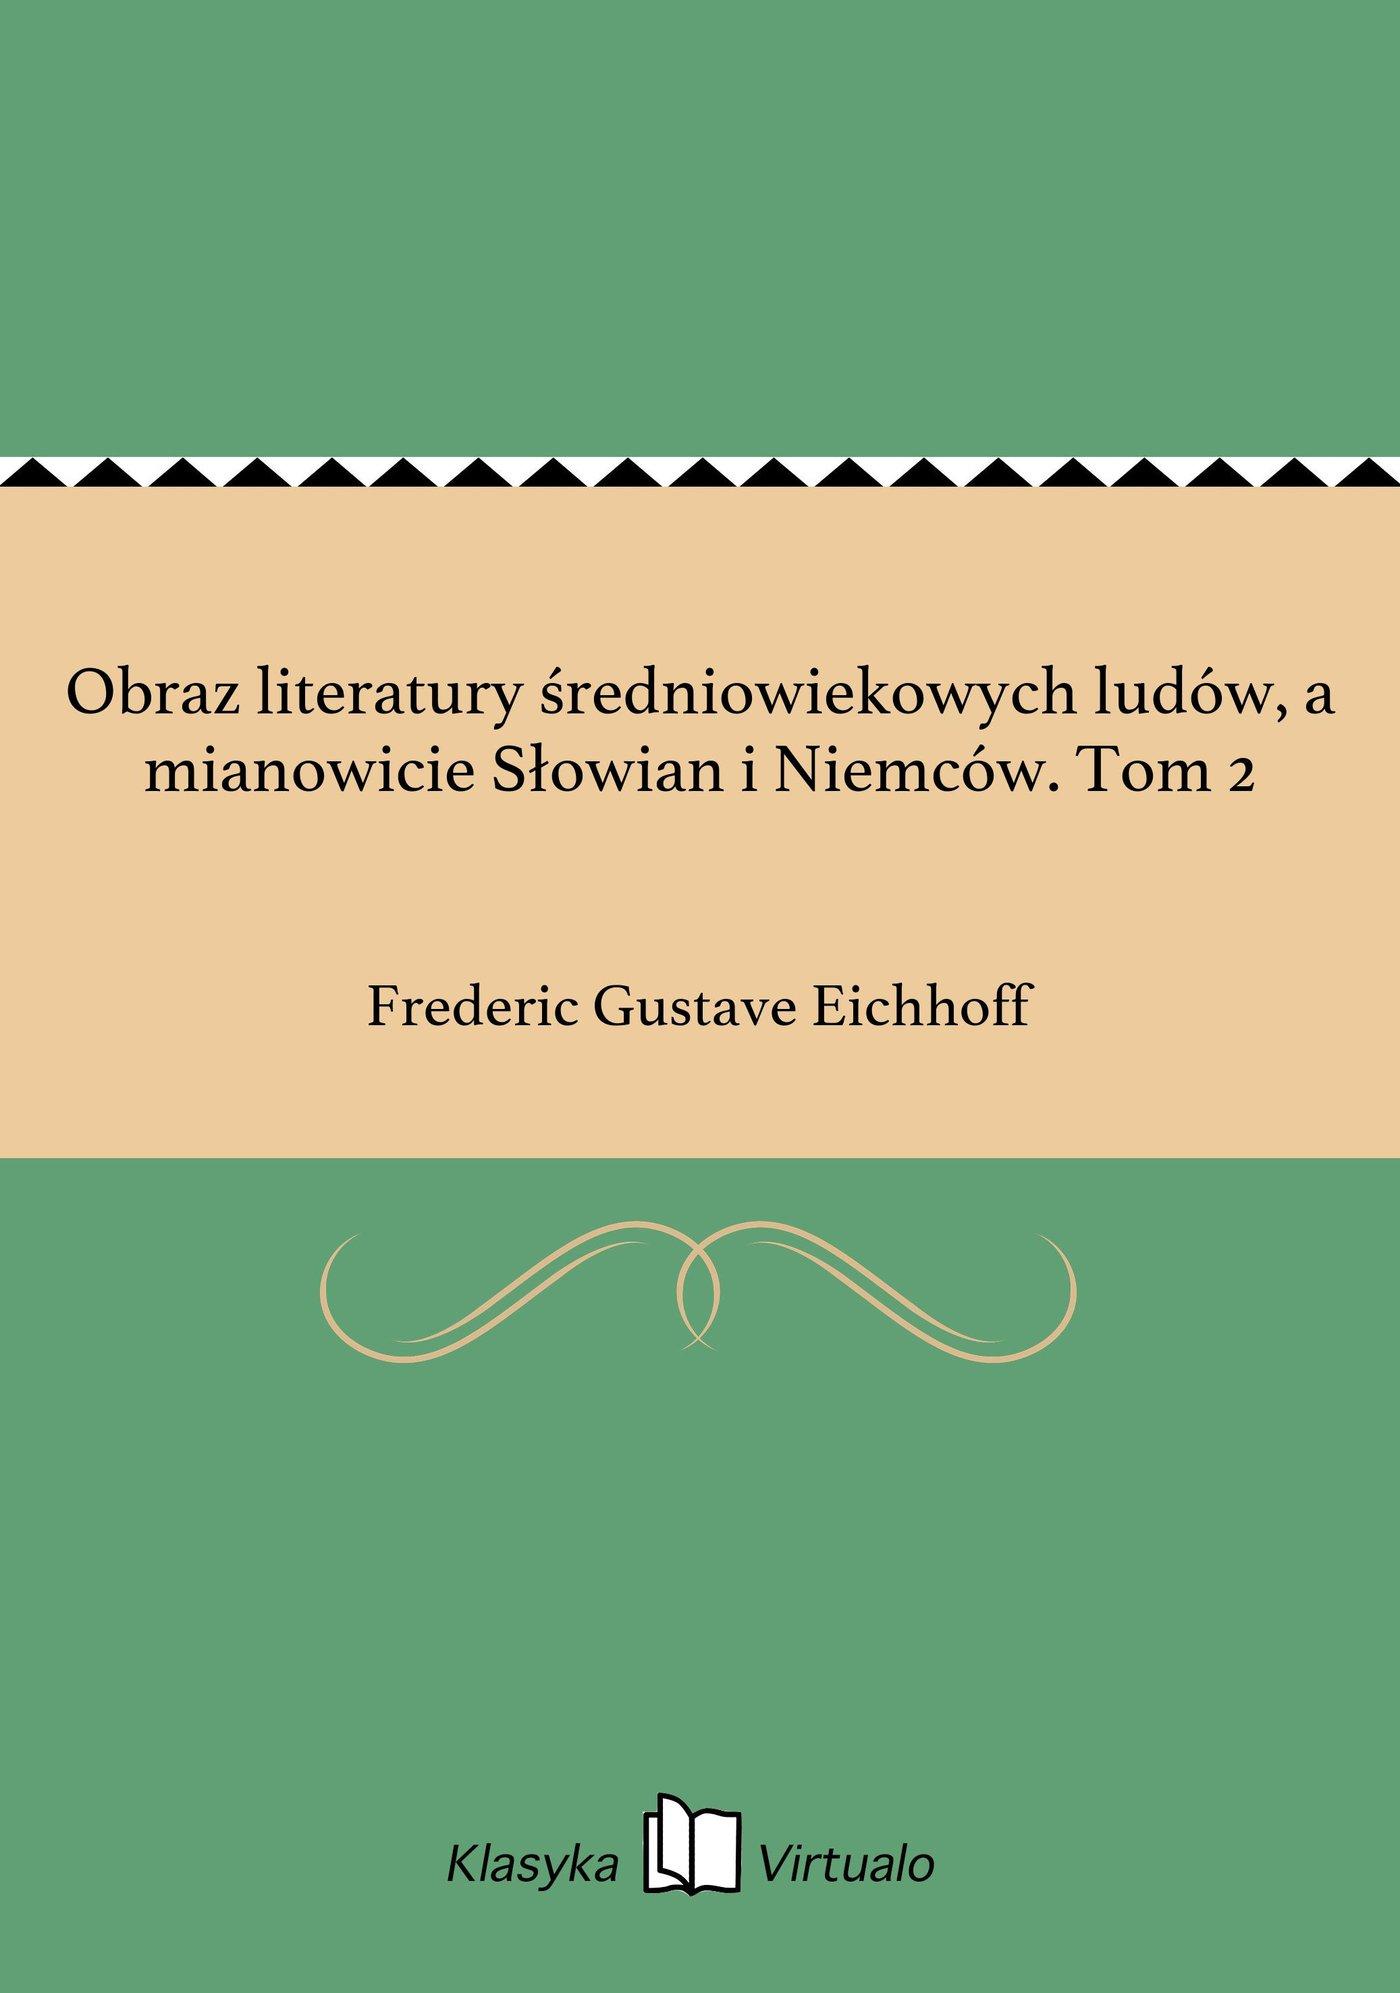 Obraz literatury średniowiekowych ludów, a mianowicie Słowian i Niemców. Tom 2 - Ebook (Książka EPUB) do pobrania w formacie EPUB